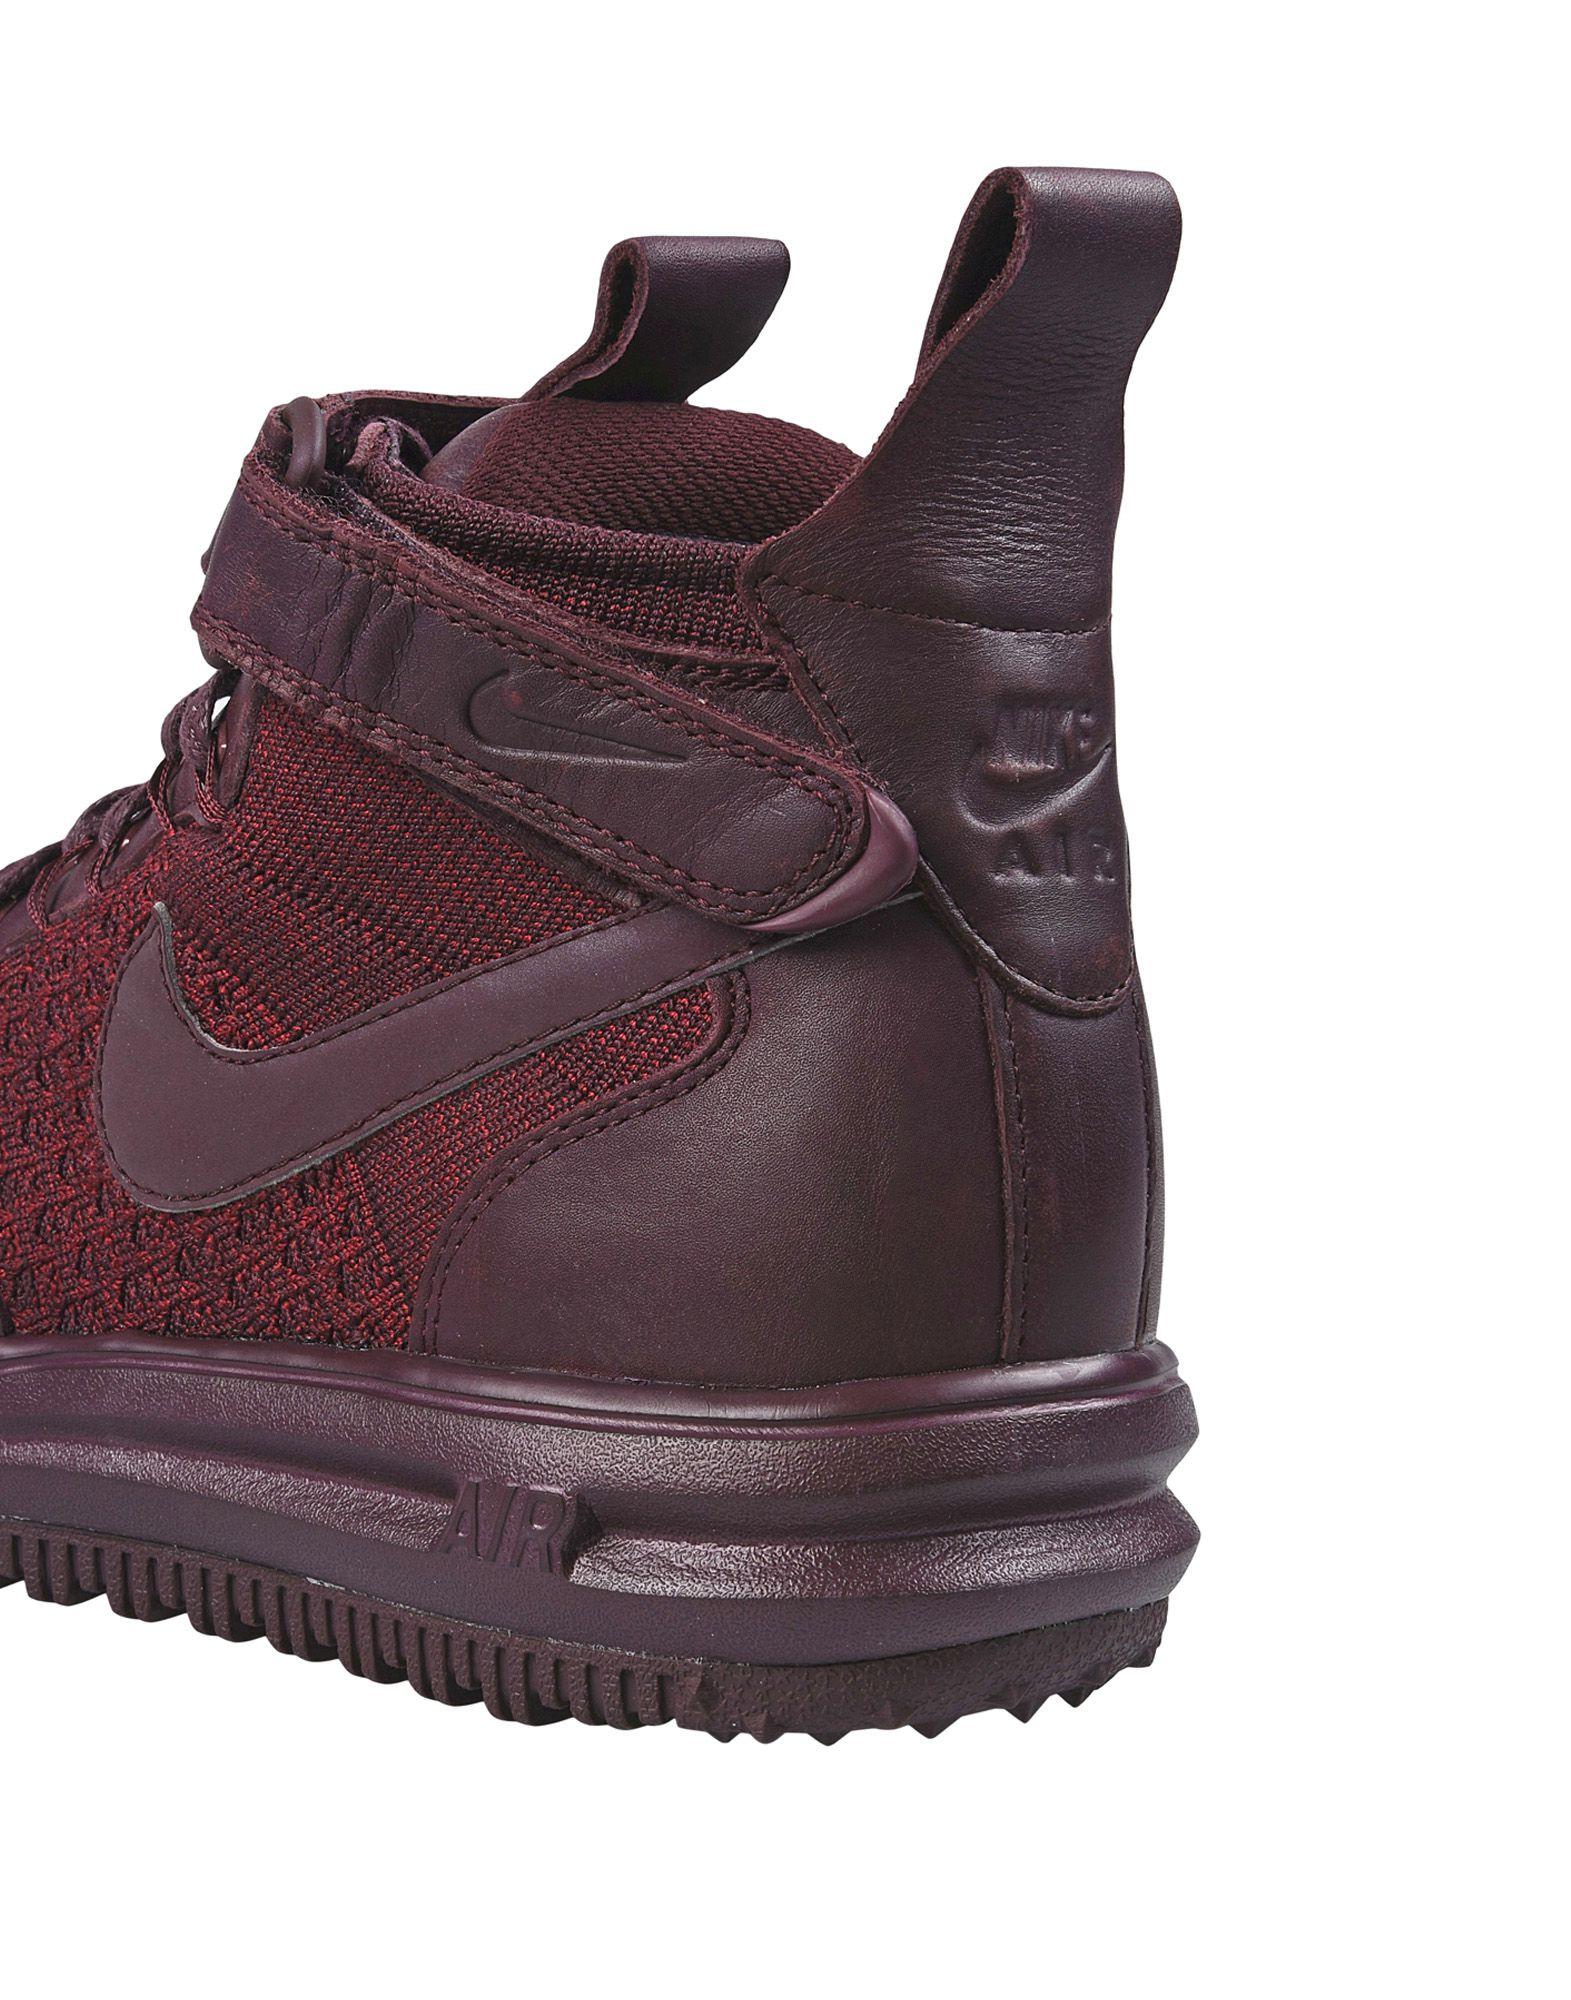 Sneakers Nike W Lf1 Flyknit Workboot - Femme - Sneakers Nike sur